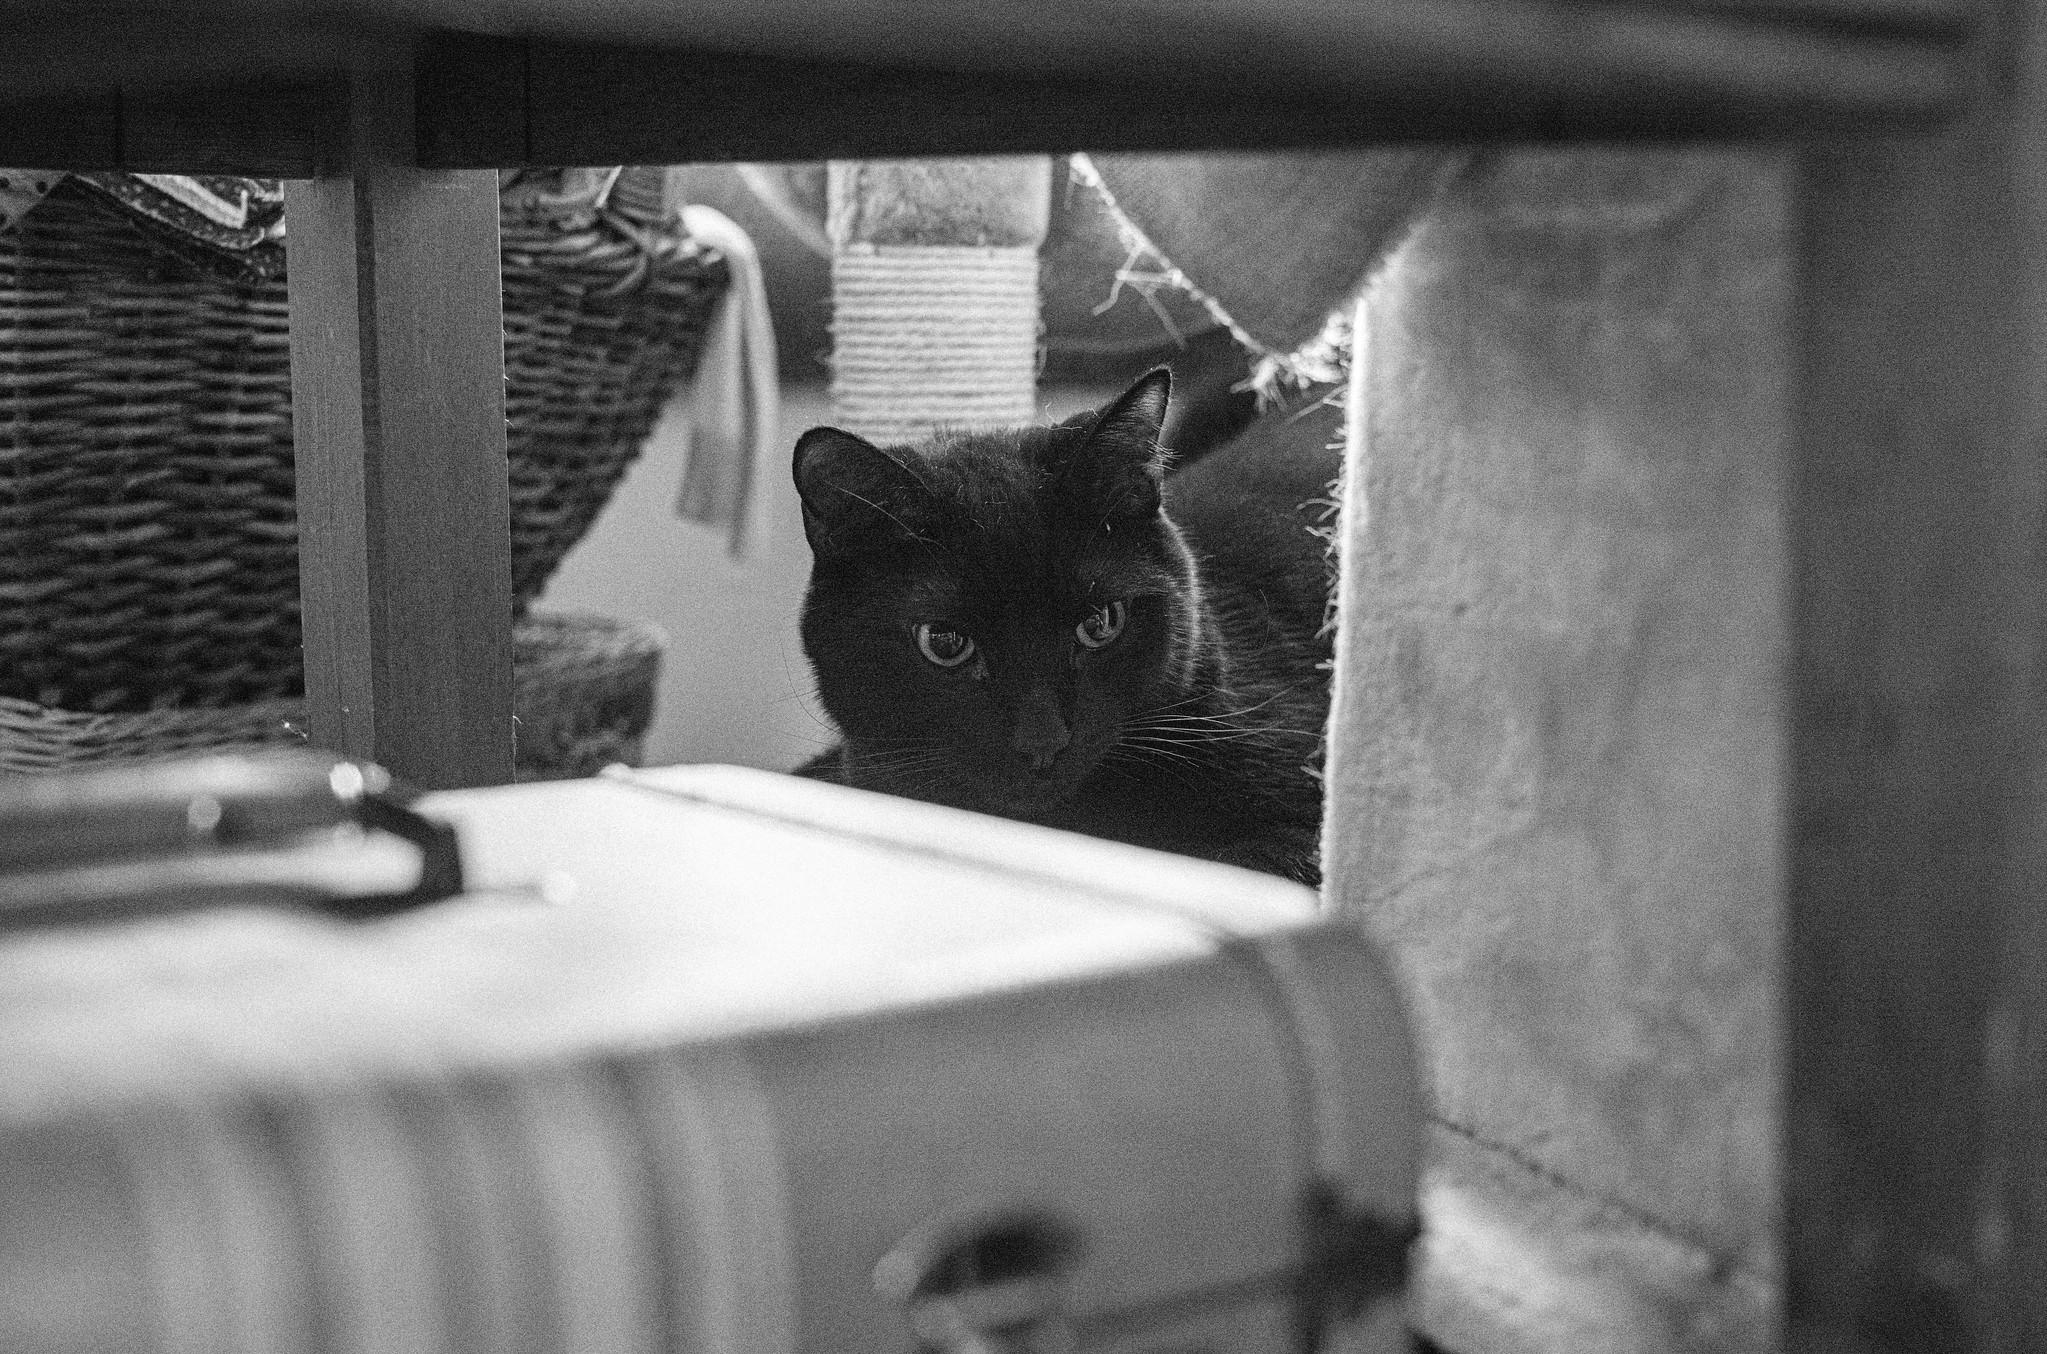 poot in hiding